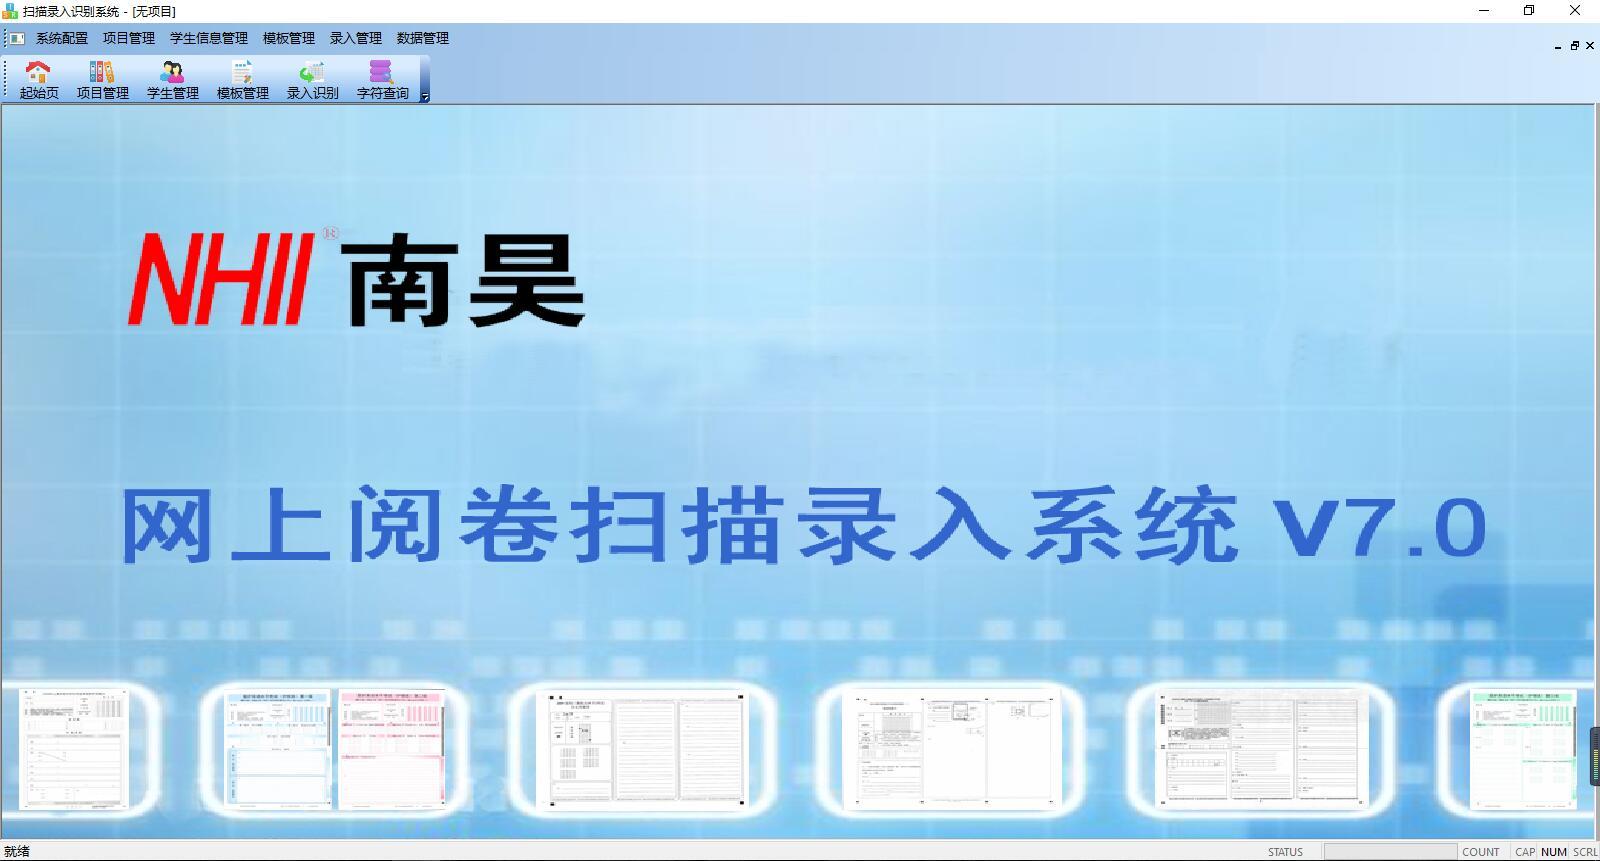 方便快捷网上阅卷系统 网上阅卷系统服务 价格|新闻动态-河北文柏云考科技发展有限公司